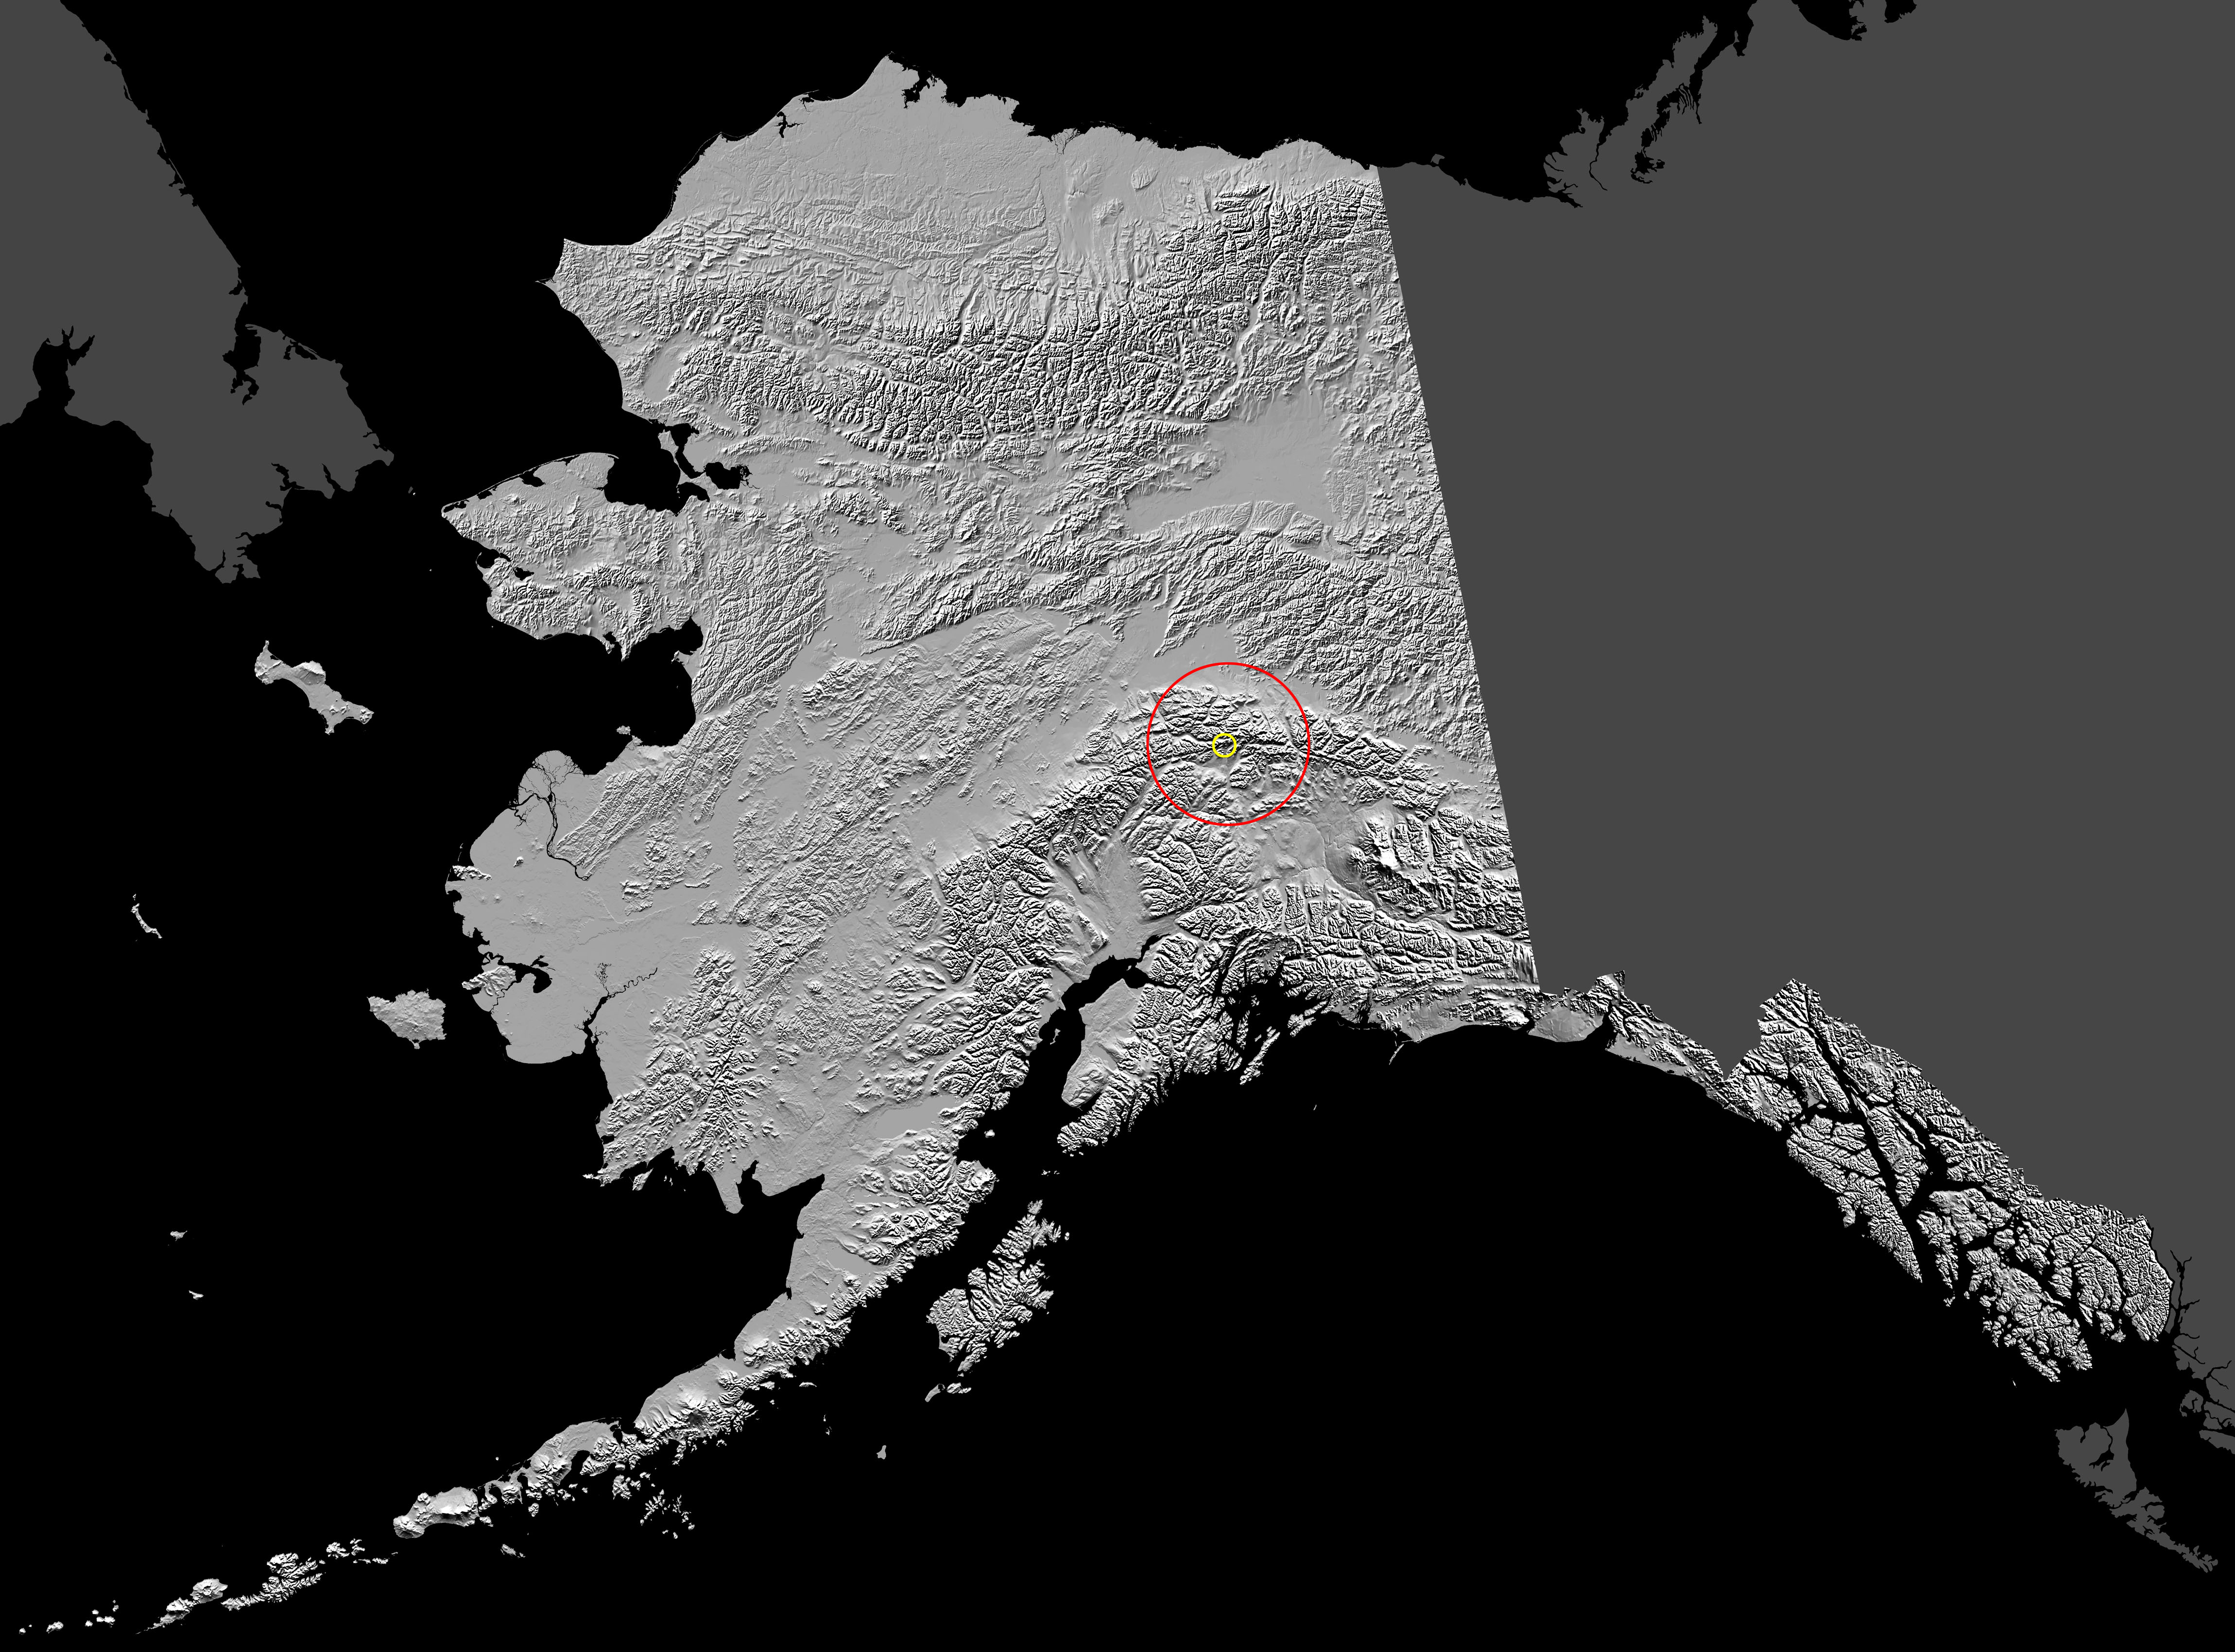 Terremoto golpea Alaska el 3 de noviembre 2002